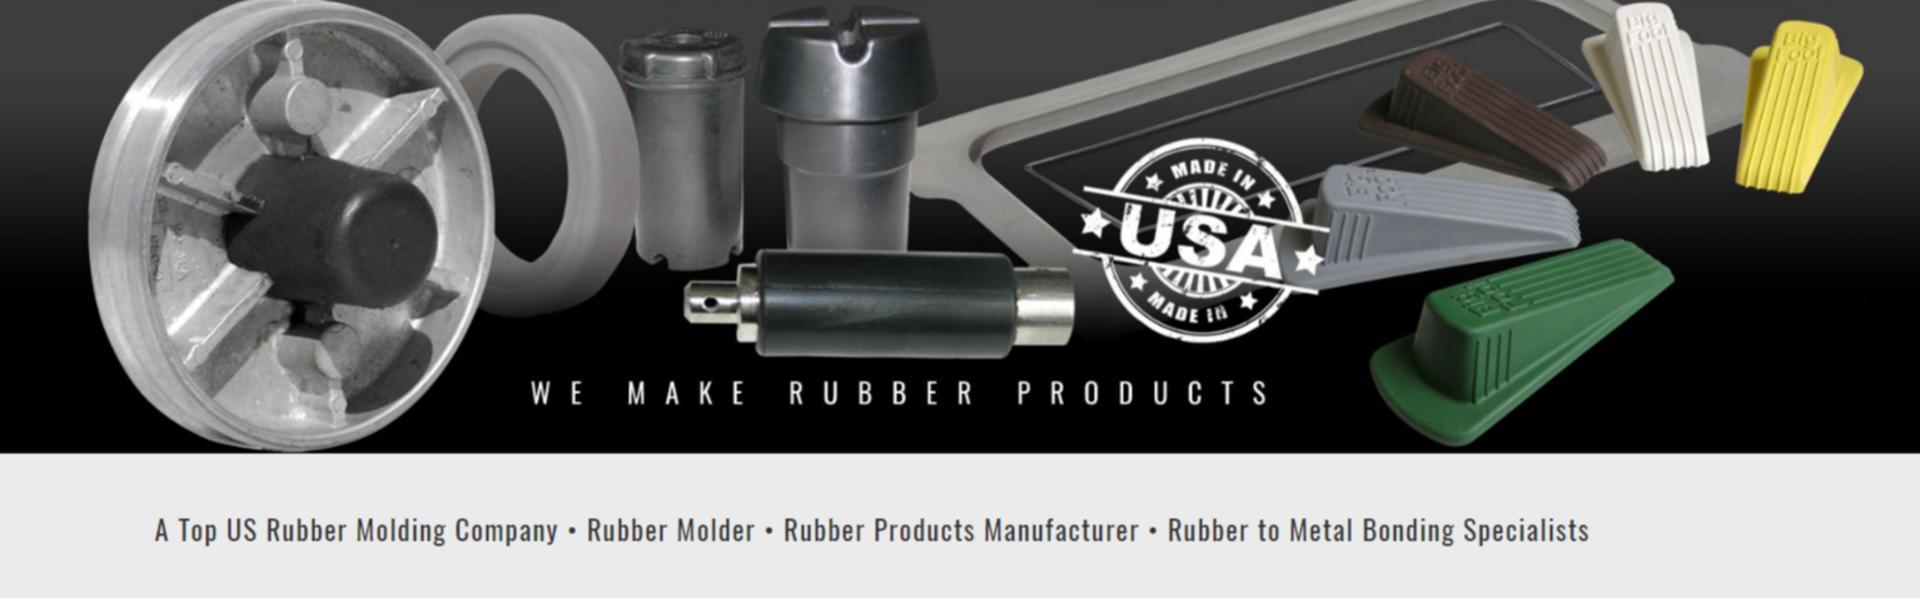 Qualiform Rubber Molding